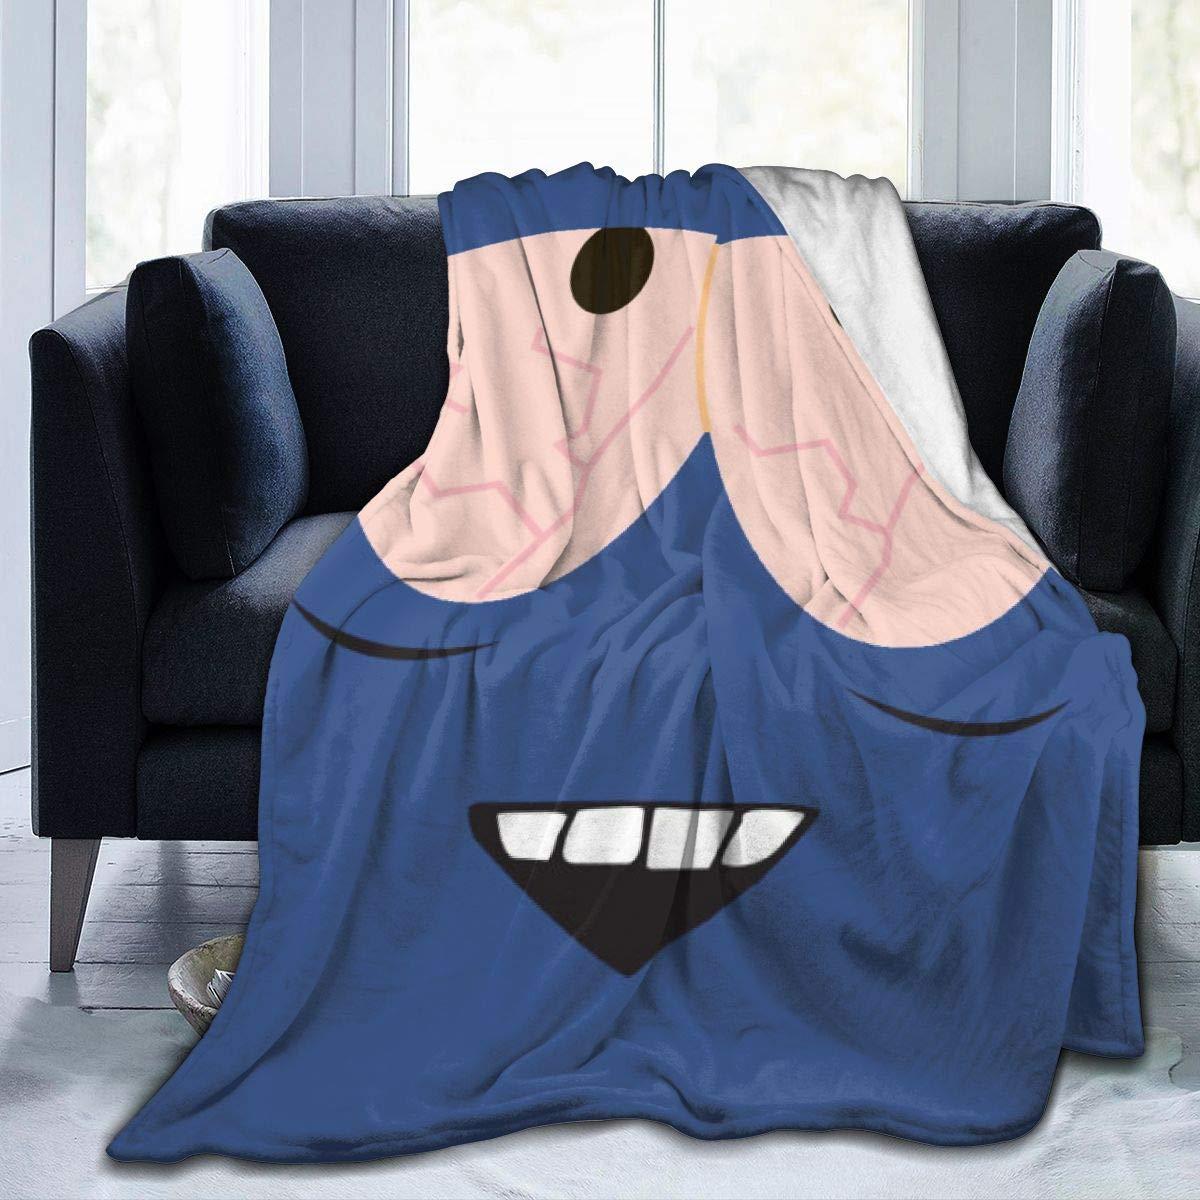 Sala de Estar XIANG-XIANG Towelie South Park Manta de Microforro Polar ultrasuave para sof/á Tegridy Farms c/álido Invierno Manta de Felpa para Adultos o ni/ños